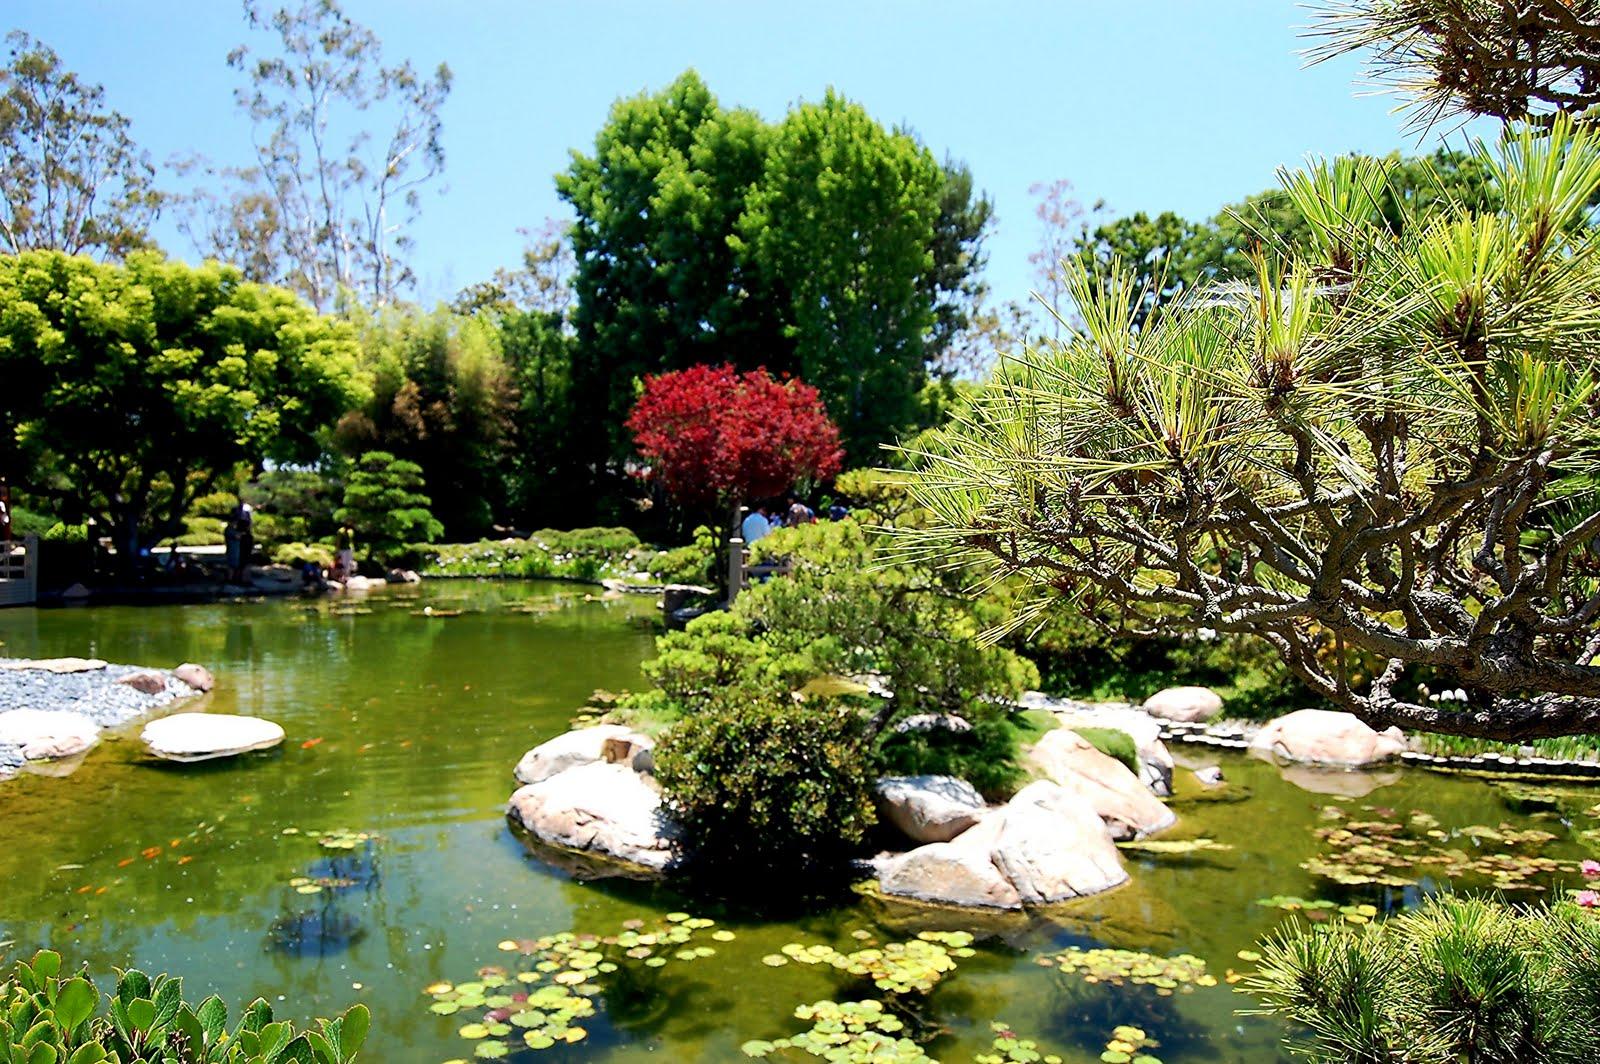 Recollections Of A Vagabonde A Tour Of The Japanese Garden In Long Beach California